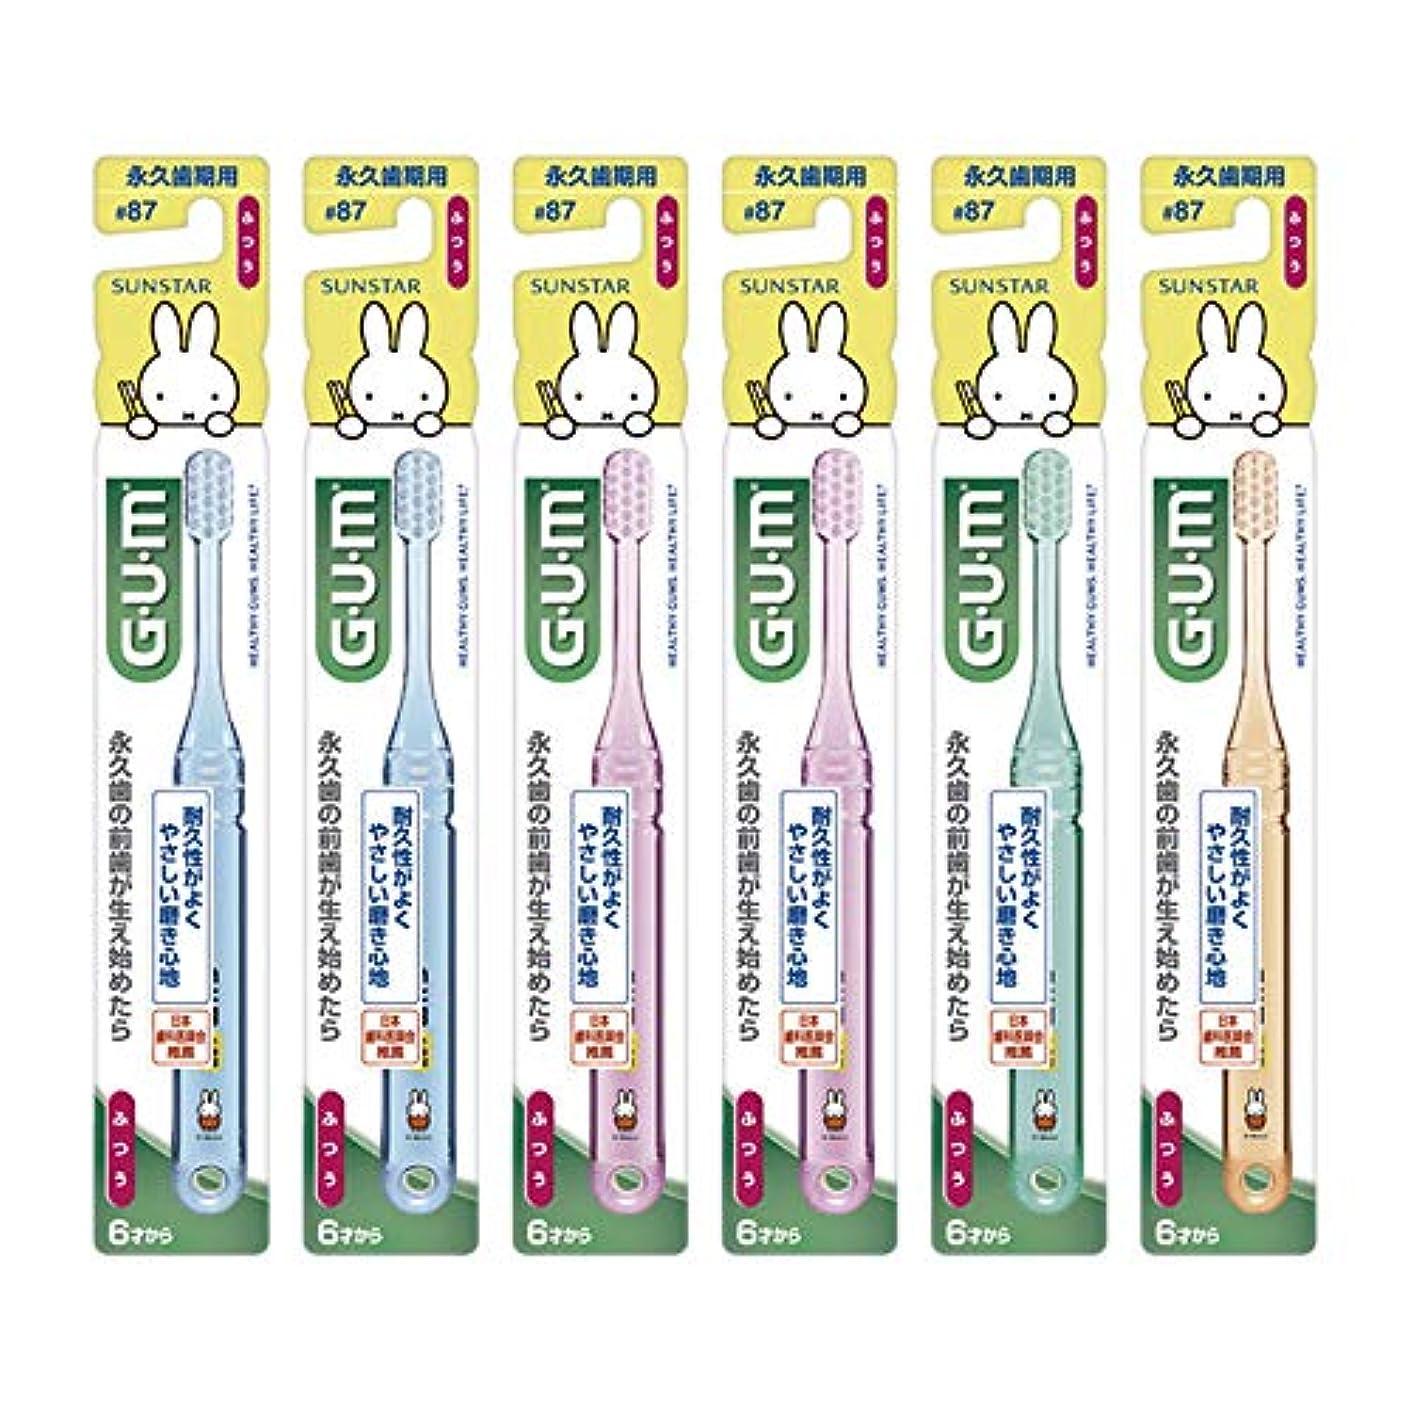 生命体酸素走るGUM(ガム) デンタル こども 歯ブラシ #87 [永久歯期用/ふつう] 6本パック+ おまけつき【Amazon.co.jp限定】